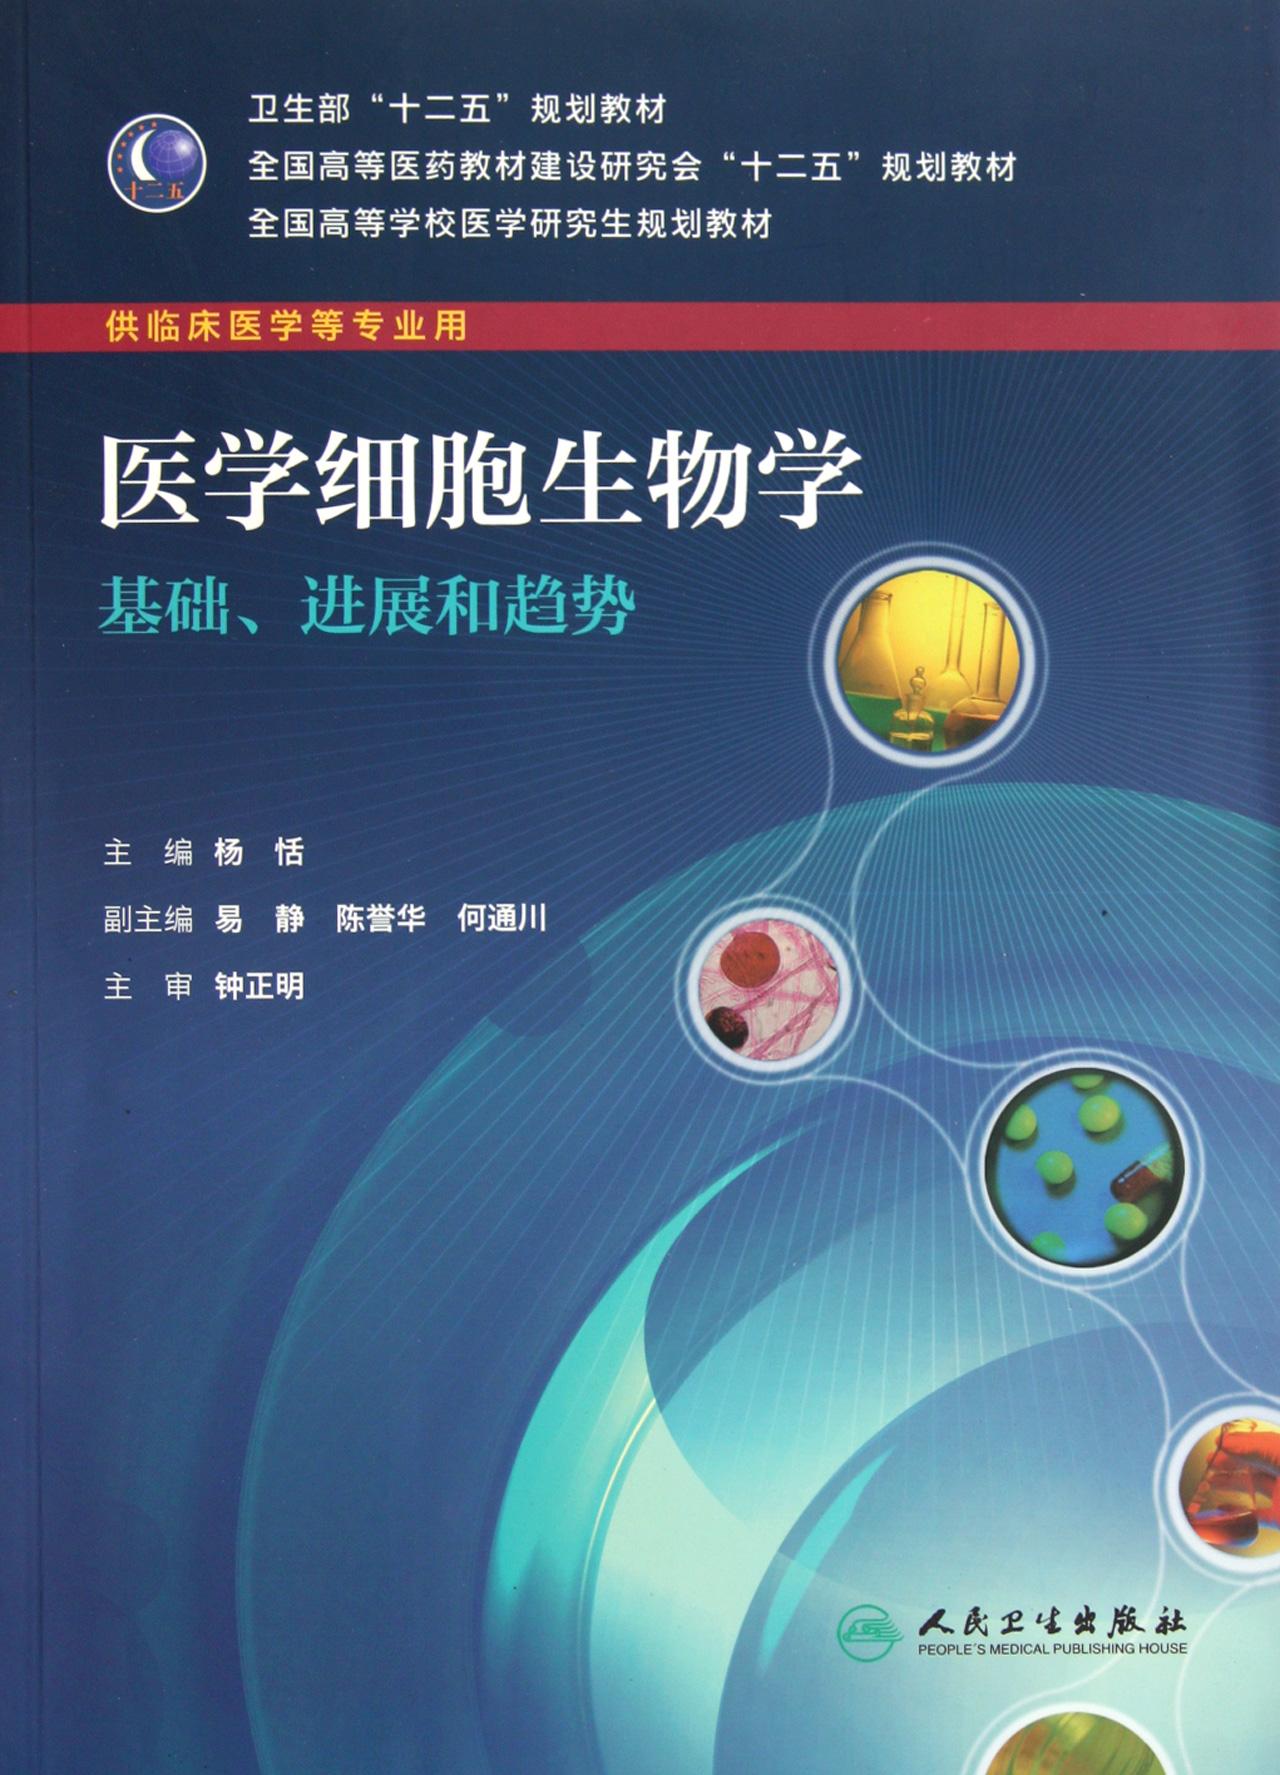 医学细胞生物学基础进展和趋势(供临床医学